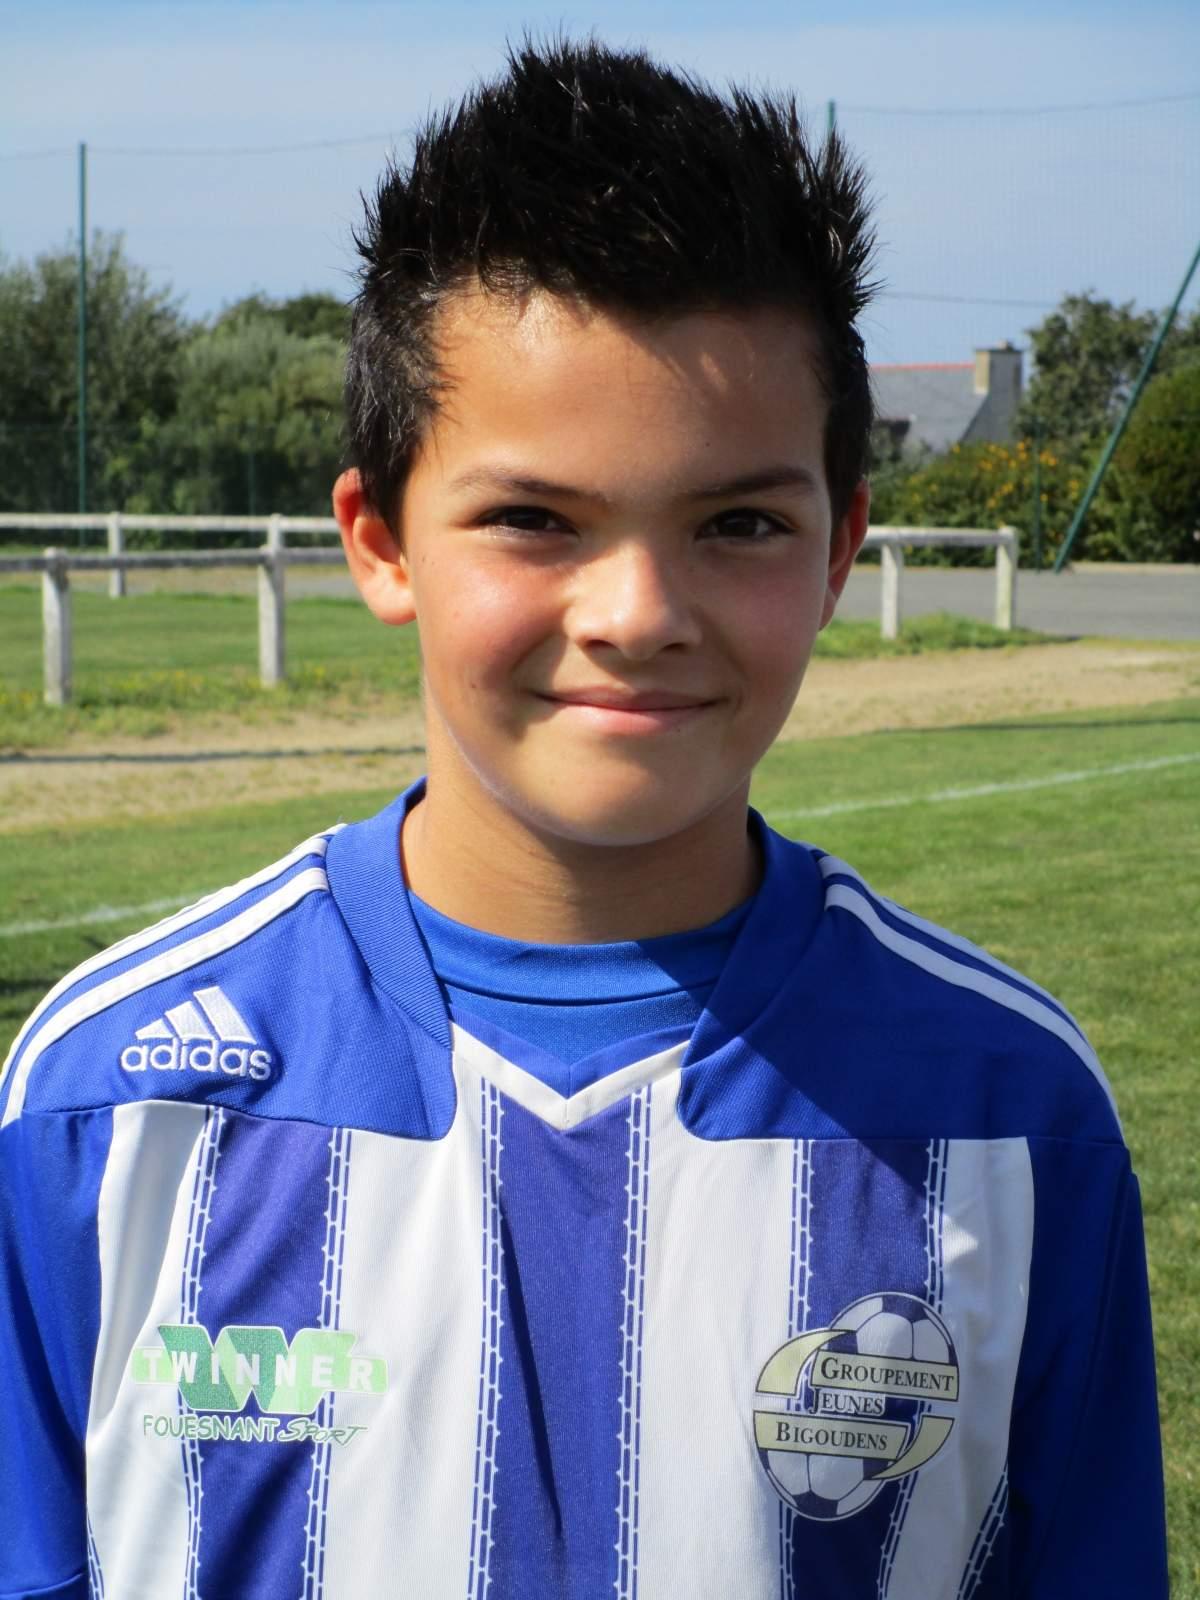 Joueur - Steven <b>LE GOUIL</b> - club Football GROUPEMENT JEUNES BIGOUDENS - <b>...</b> - steven-le-gouil__nclois